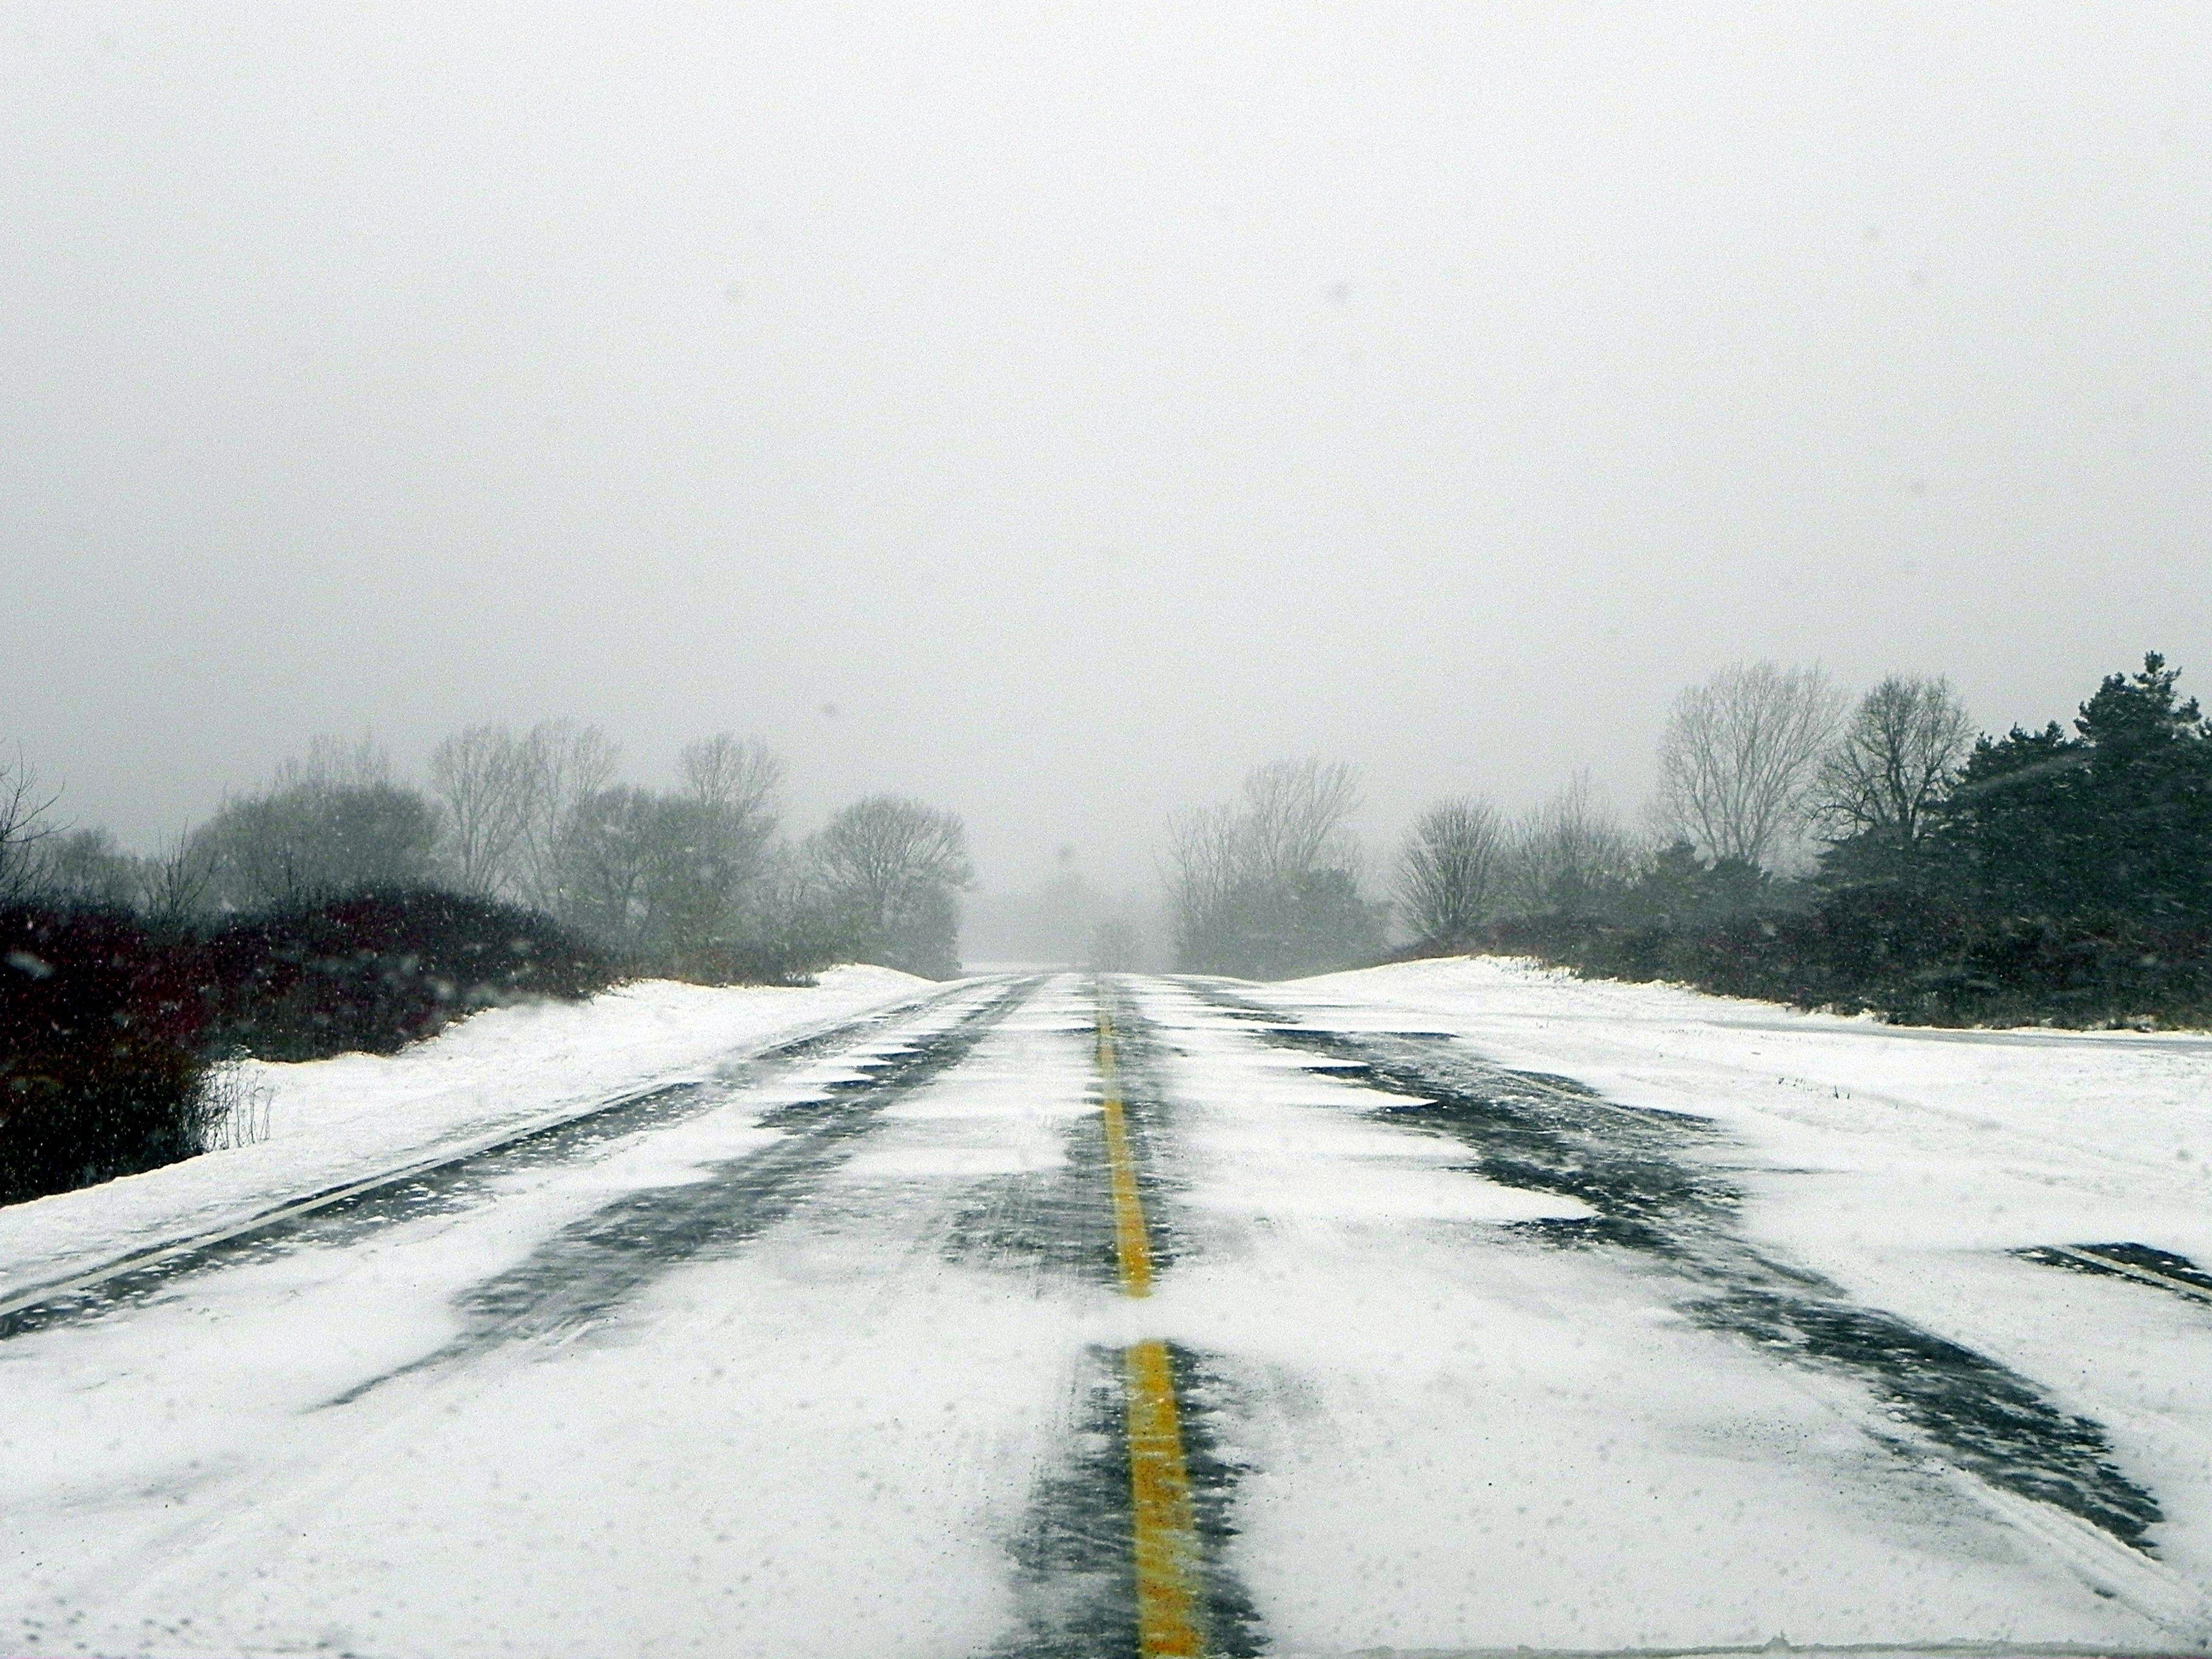 Снігопад по всій країні: що відбувається на трасах в областях